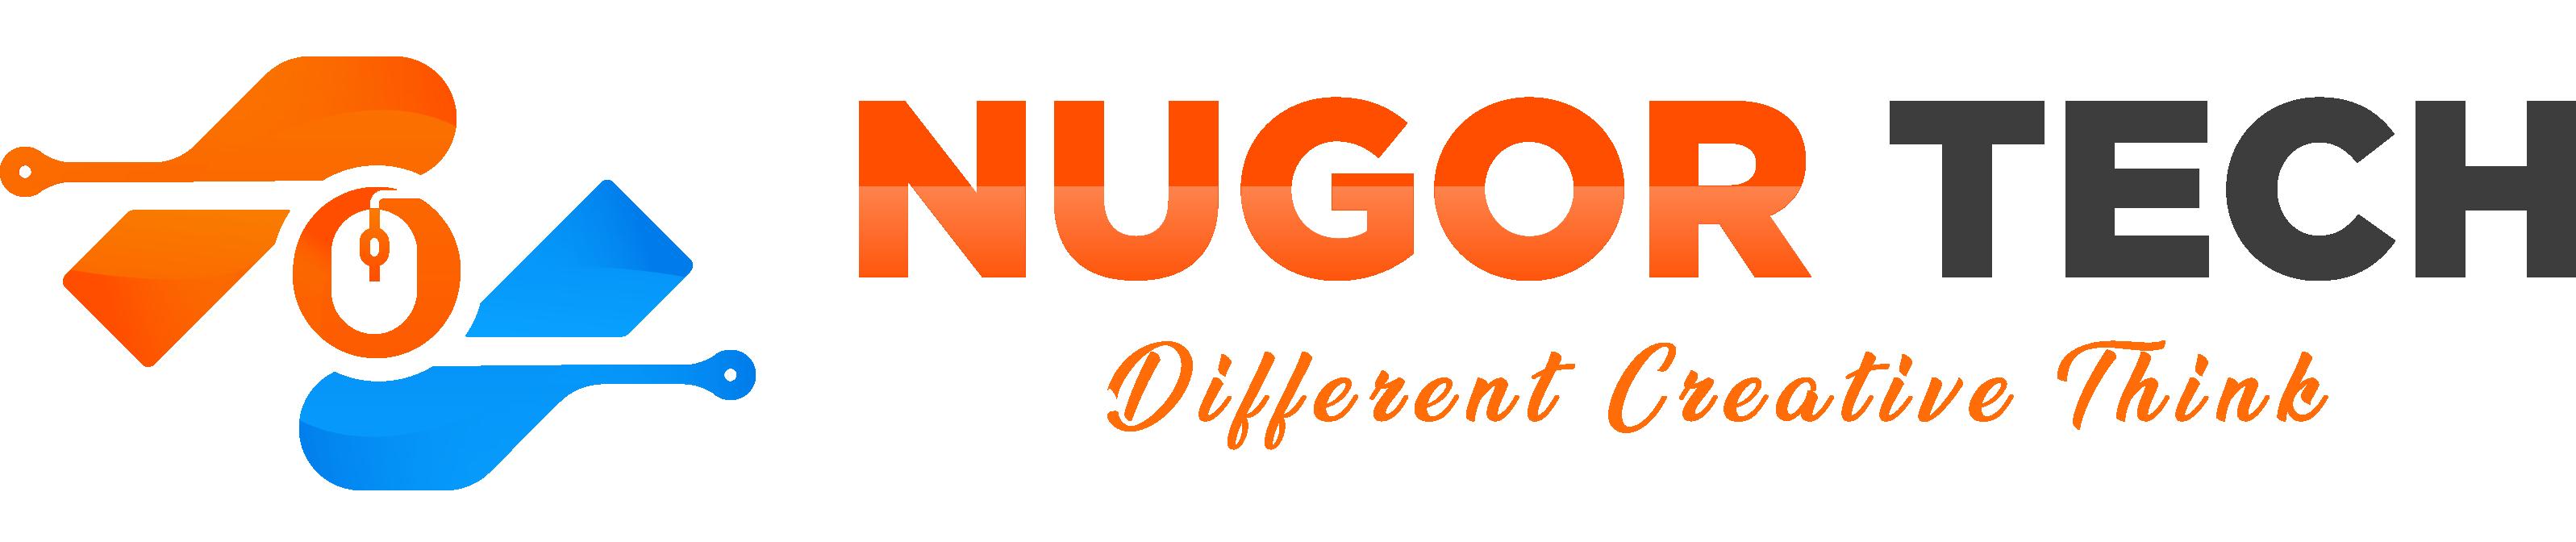 Nugortech